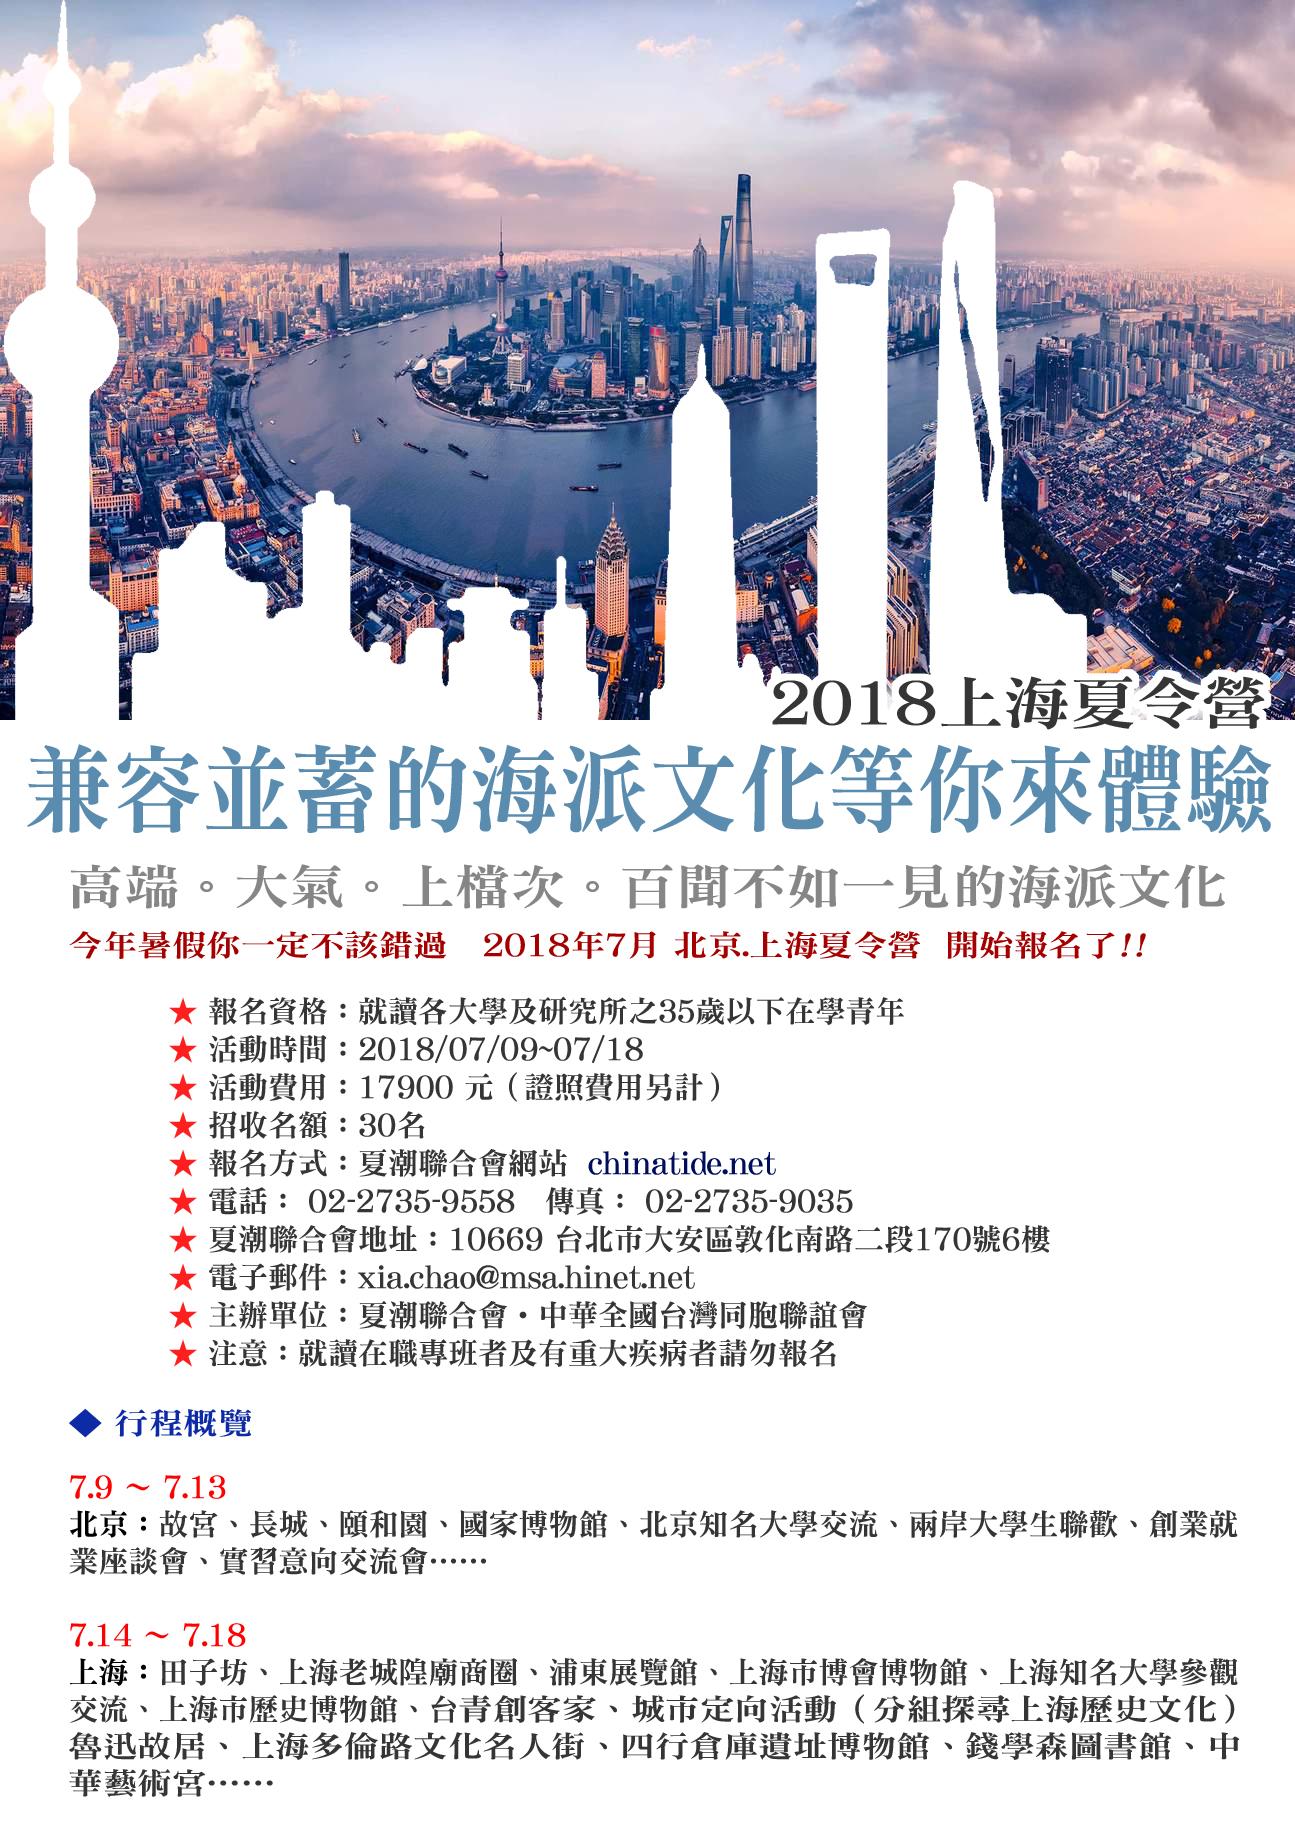 2018上海夏令營EDM